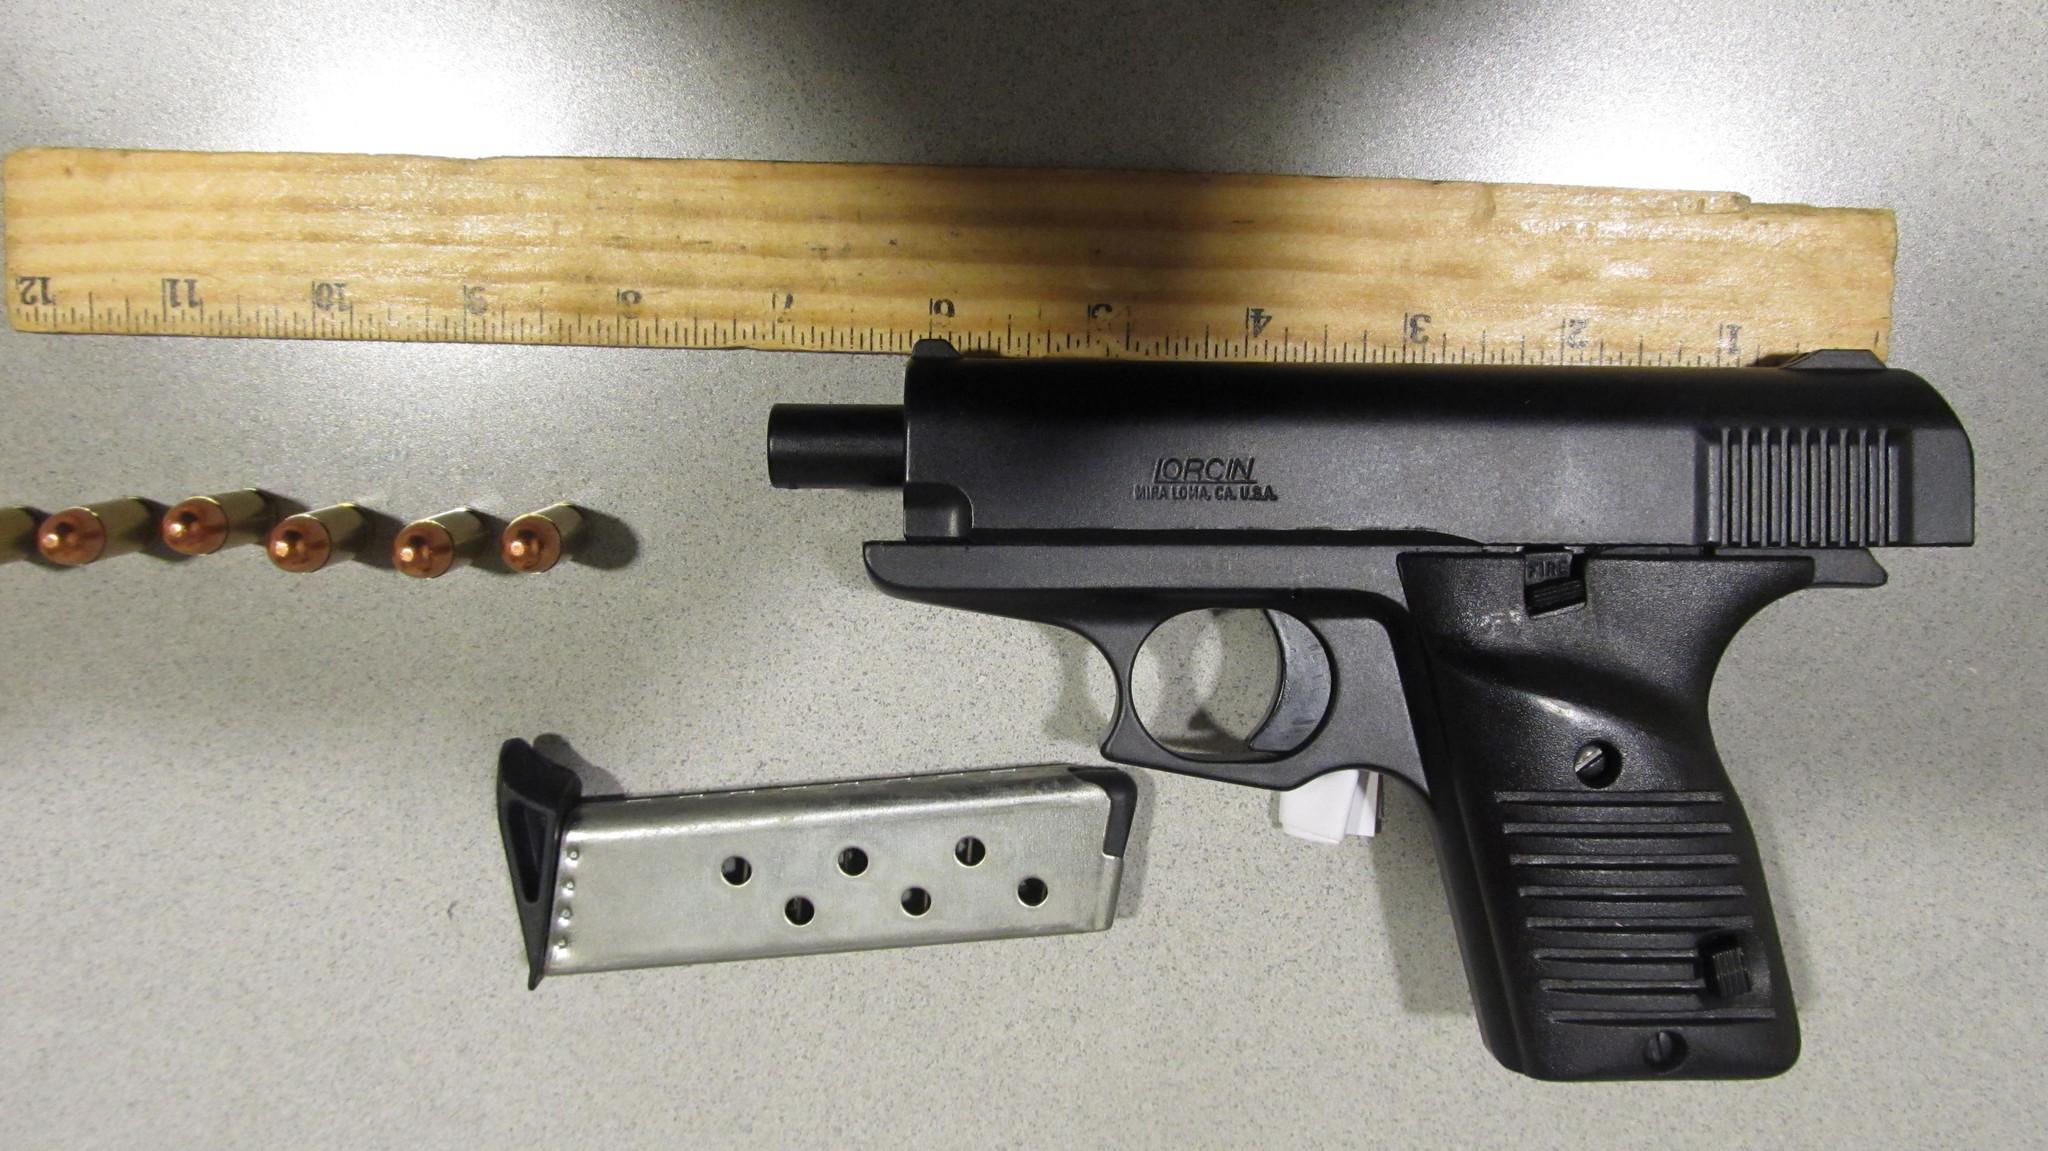 Gun found in man's carry-on